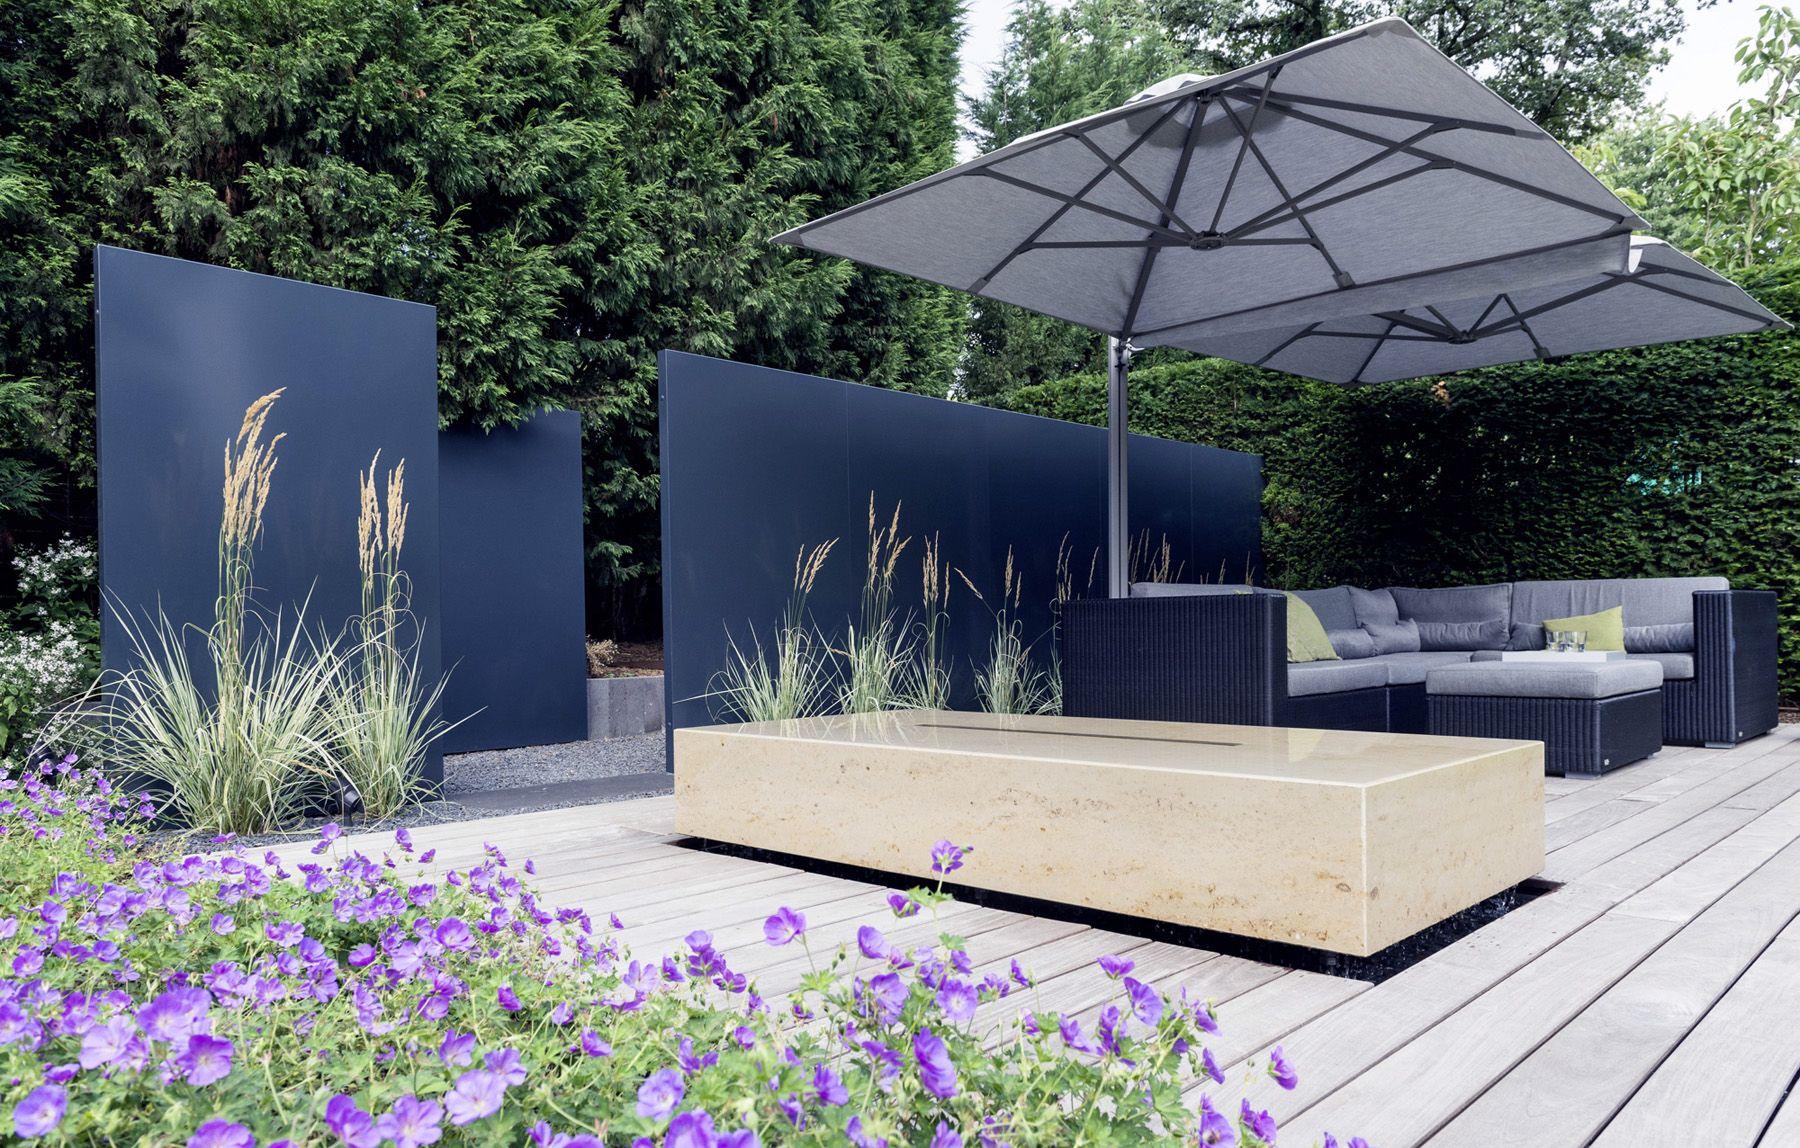 moderne gartenarchitektur d sseldorf hausgarten 1 gartenplus die gartenarchitekten. Black Bedroom Furniture Sets. Home Design Ideas